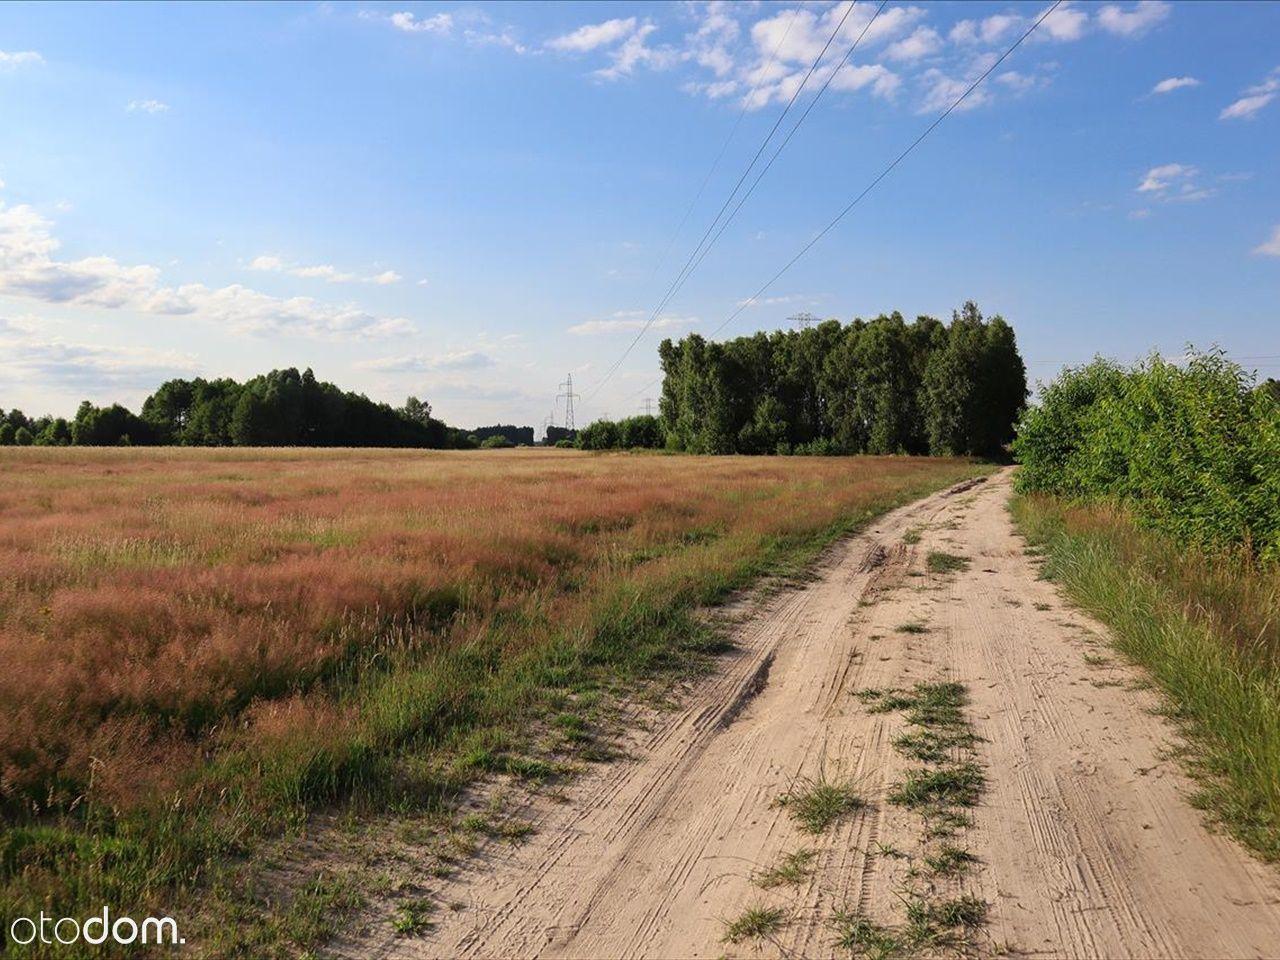 Działka w okolicach Bełchatowa - 1200 mkw